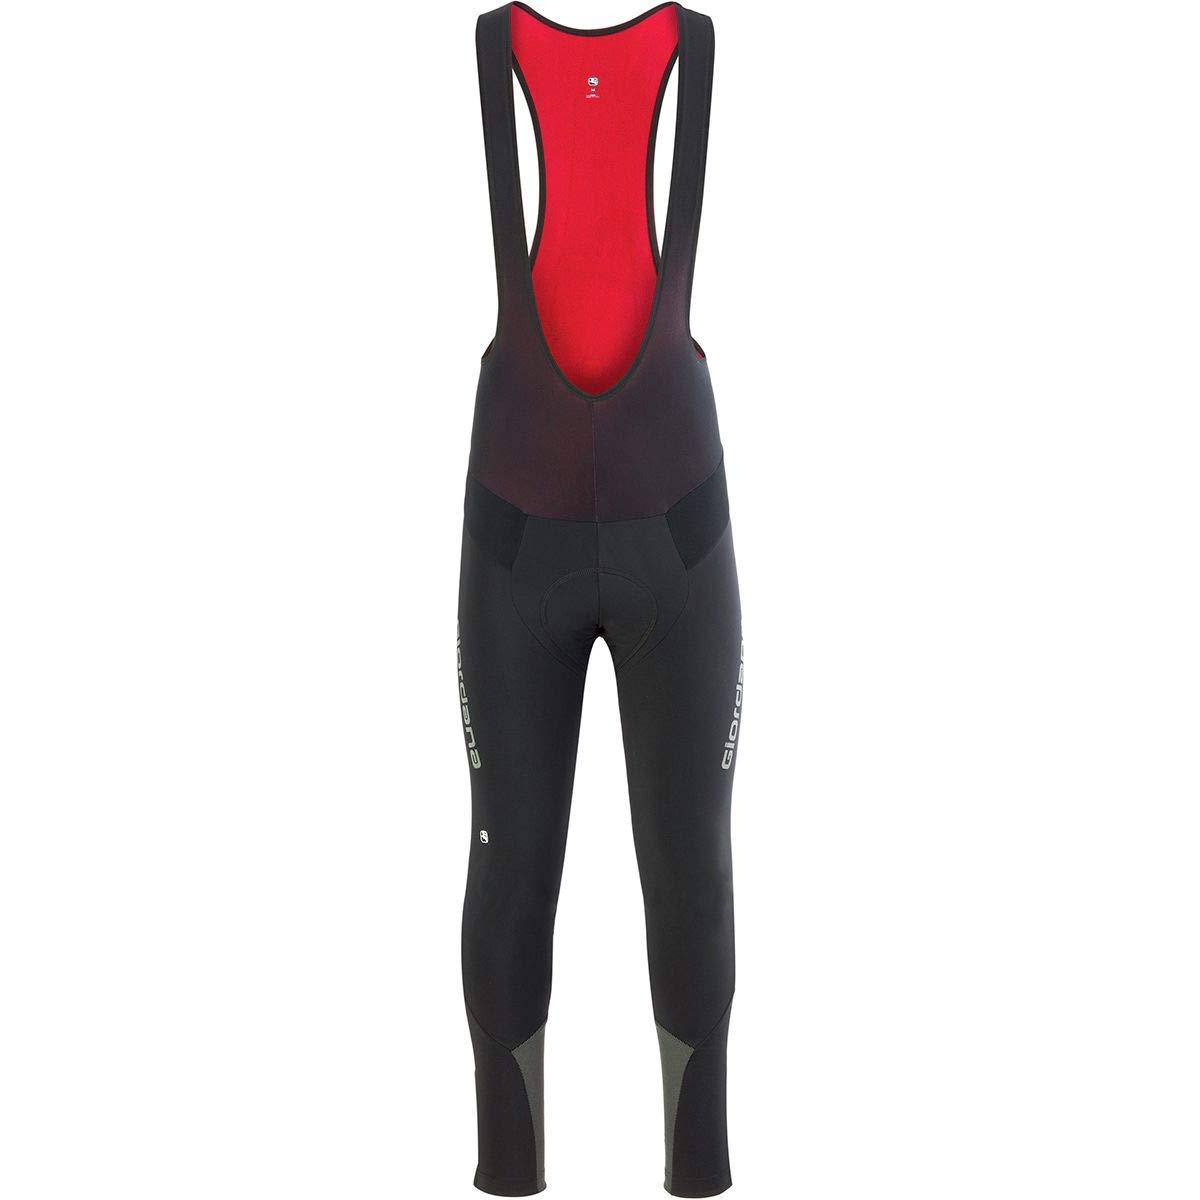 Giordana AV Full Insulated Tight - Men's Black/Black, XL